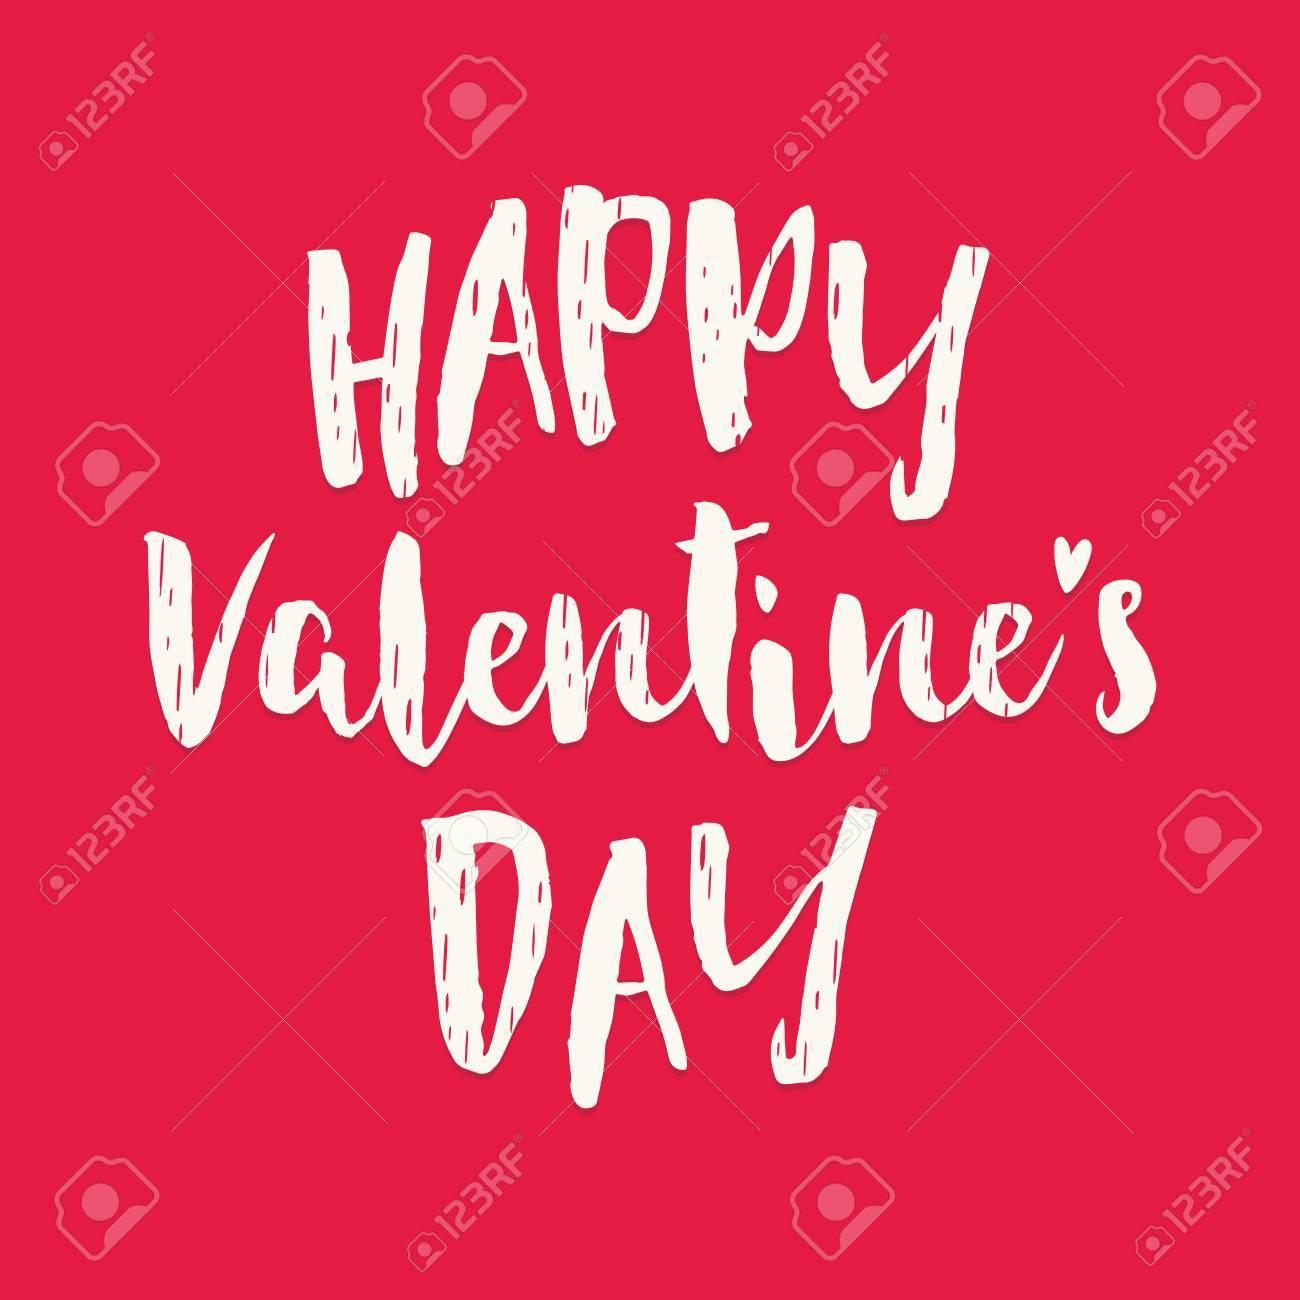 Carte Damour Typique Vecteur Mignon Avec Un Texte Crème Sur Fond Rouge Le Message Se Lit Bonne Saint Valentin Pour Les Cartes De Voeux Les